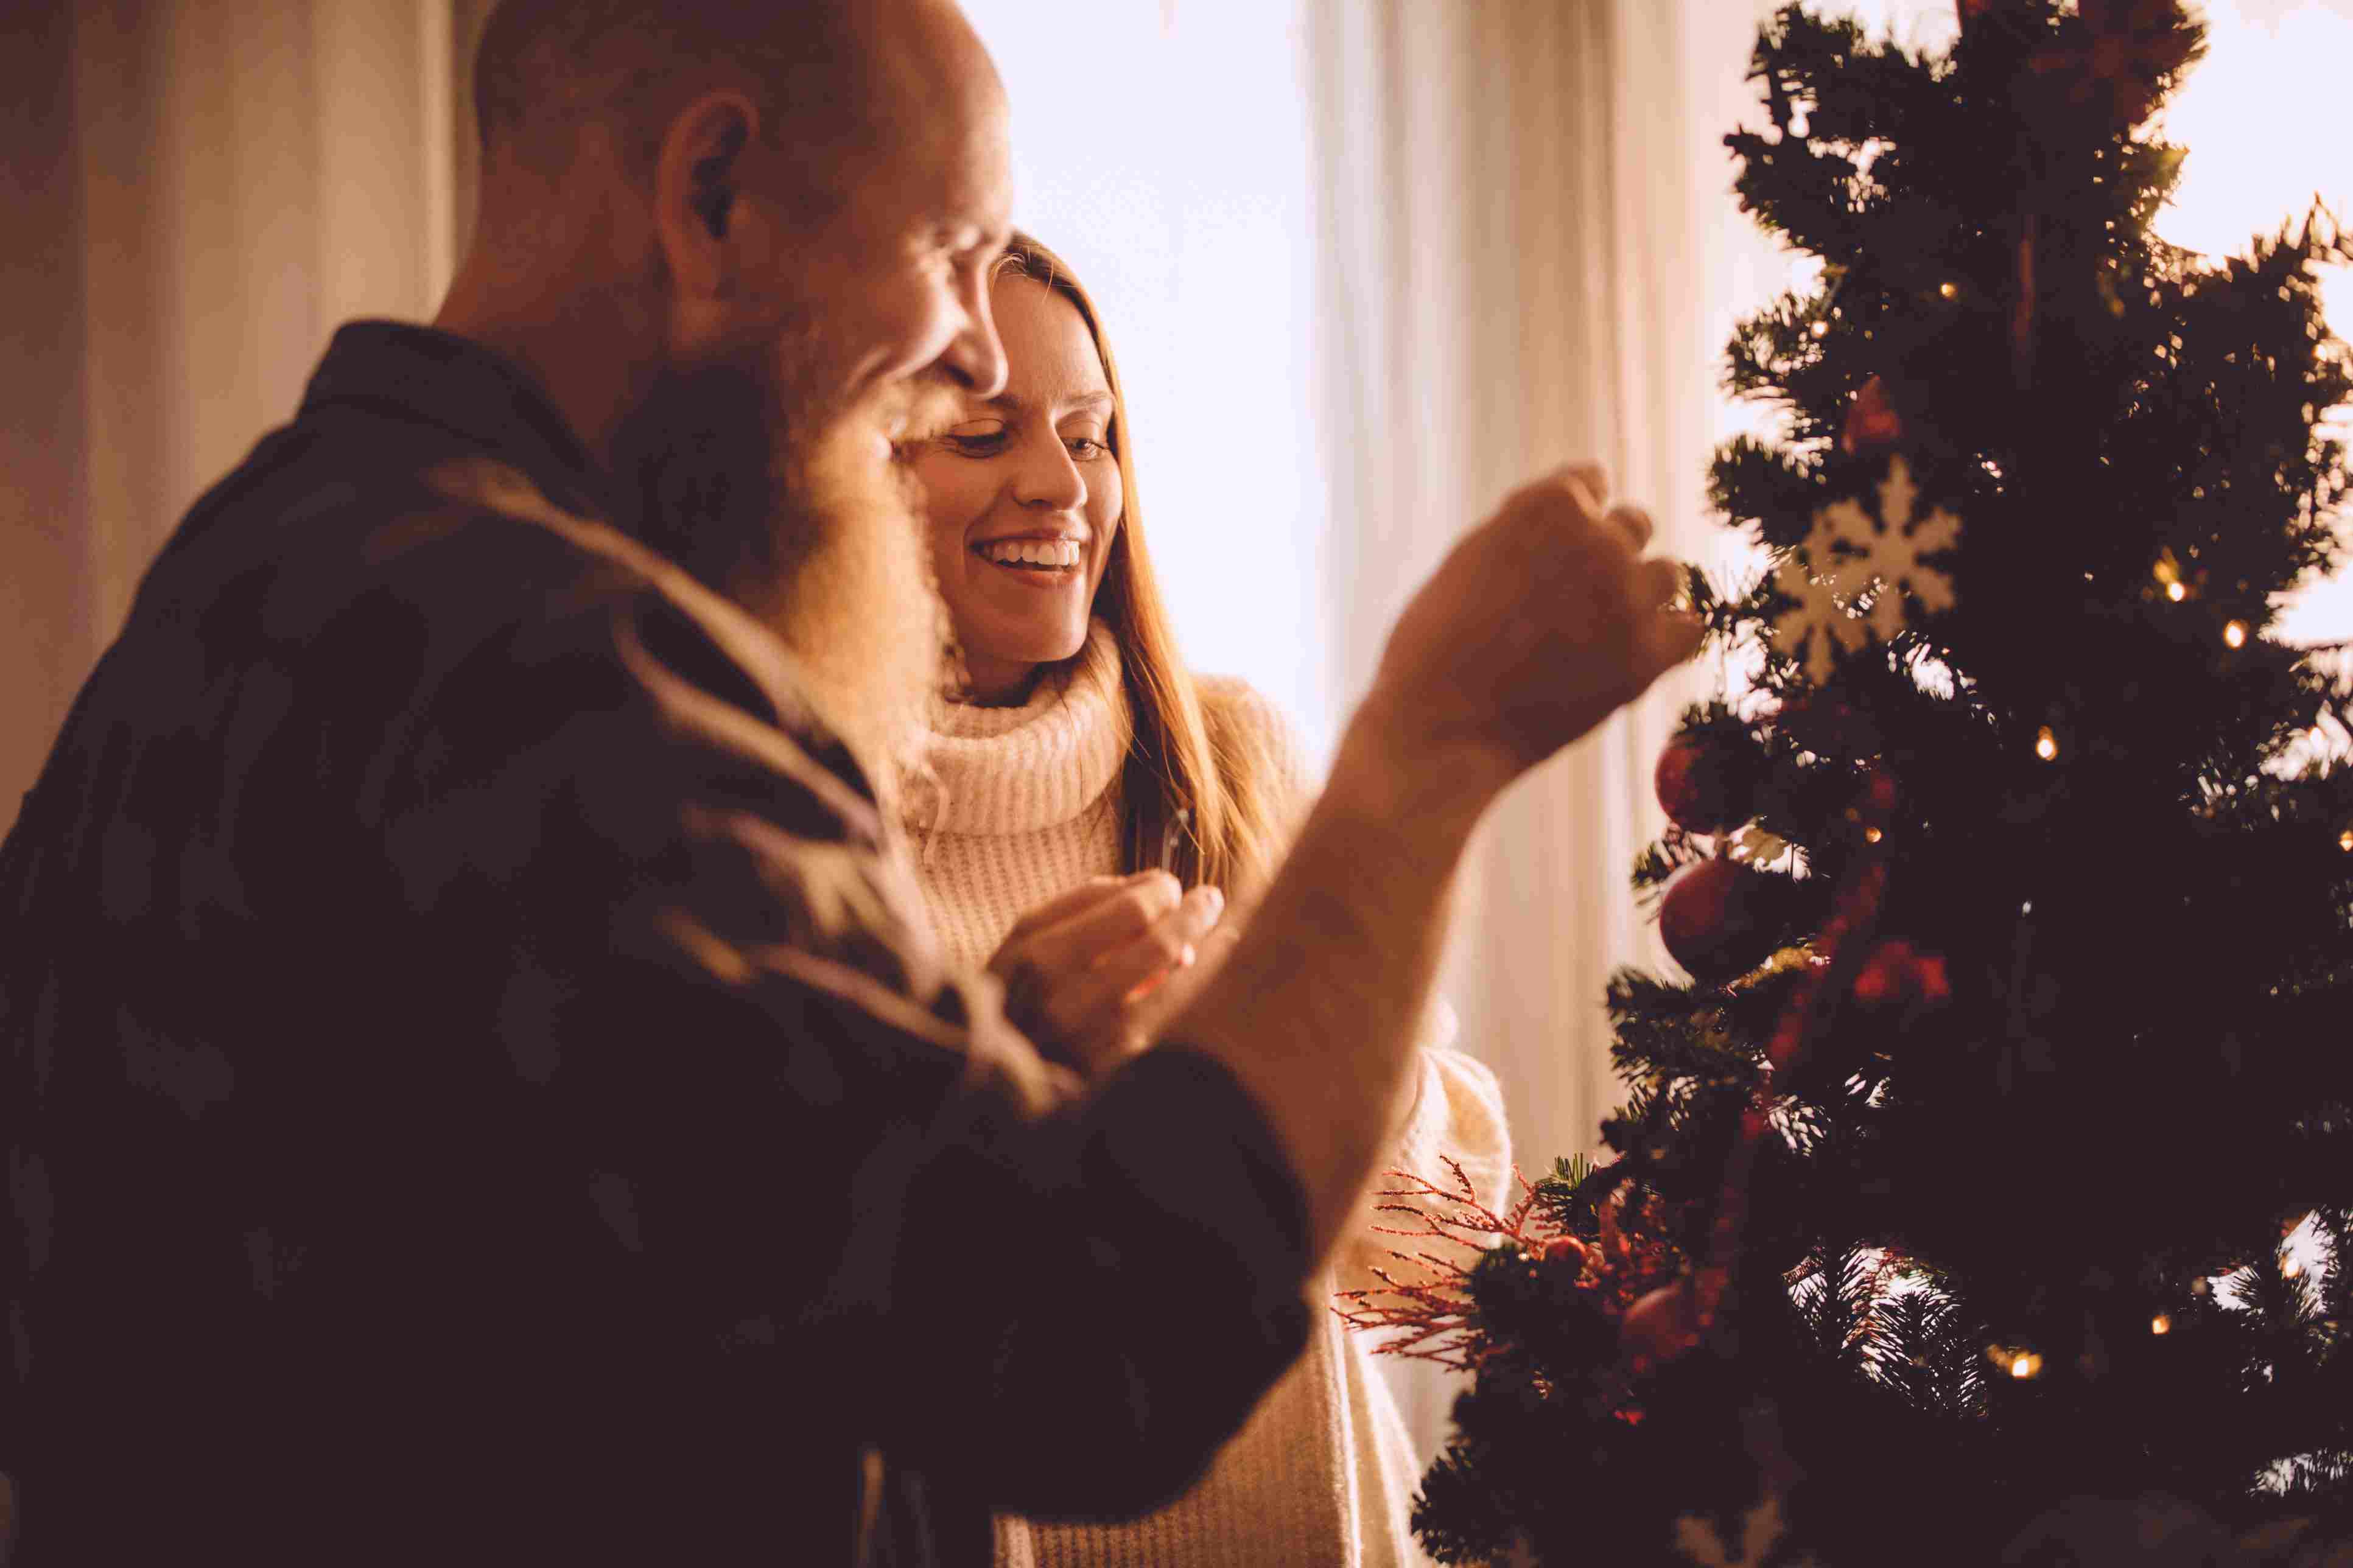 Romántica pareja madura decorando el árbol de Navidad en casa